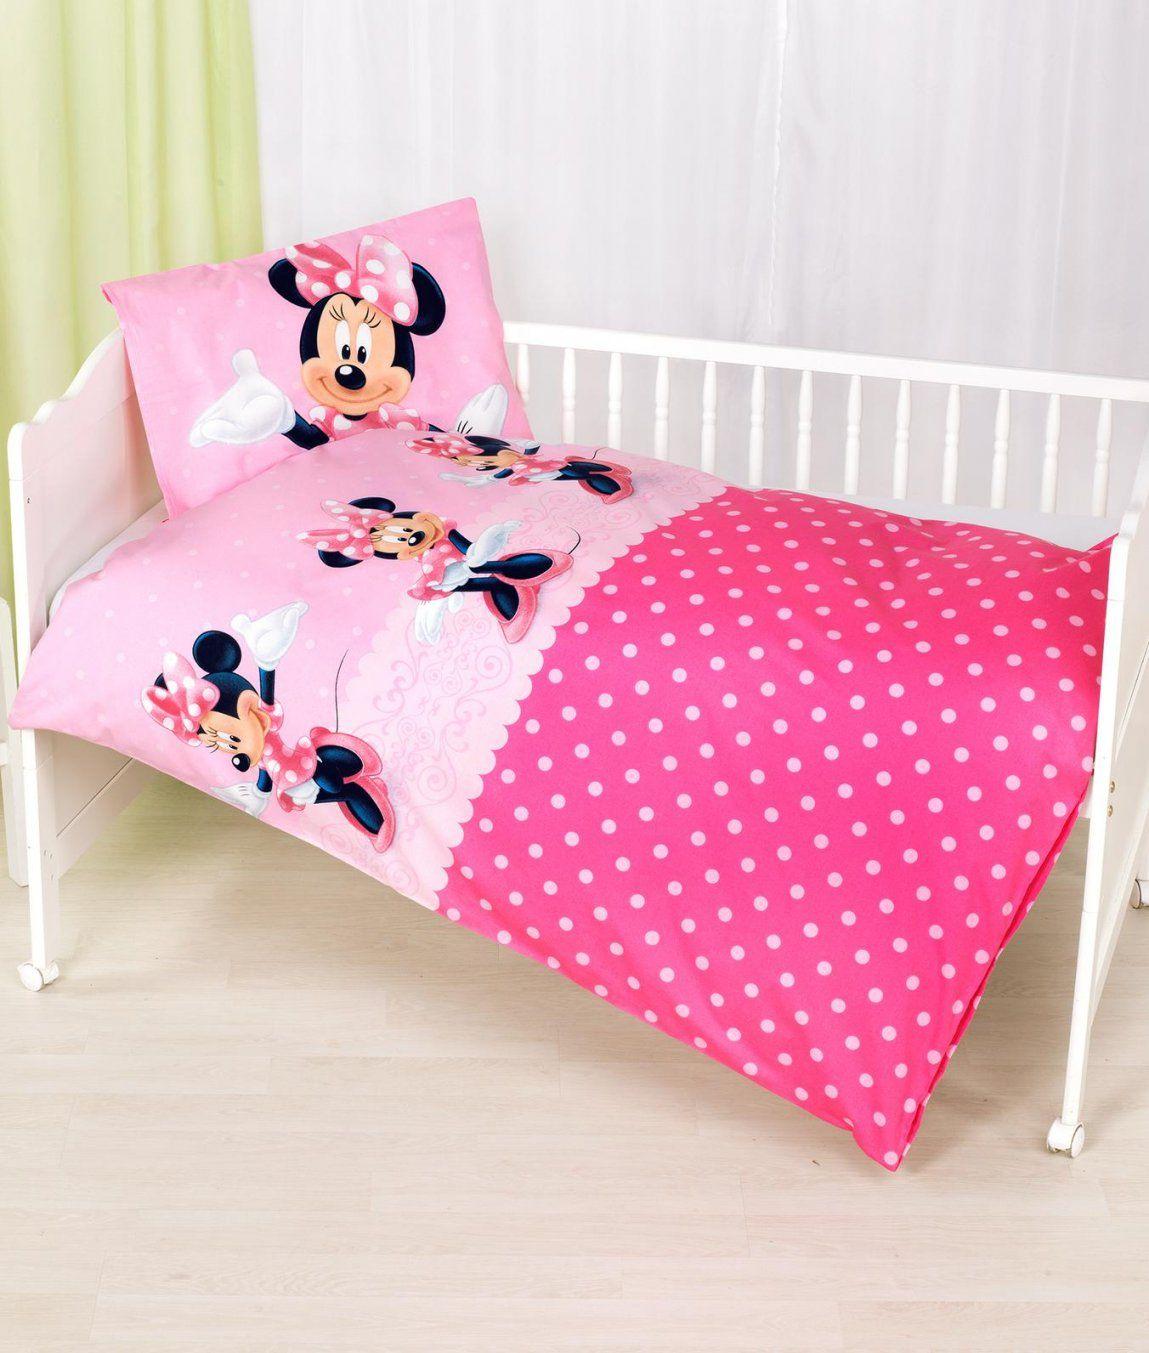 Babybettwäsche Garnitur Minnie Mouse Kaufen  Angela Bruderer von Baby Bettwäsche Minnie Mouse Bild